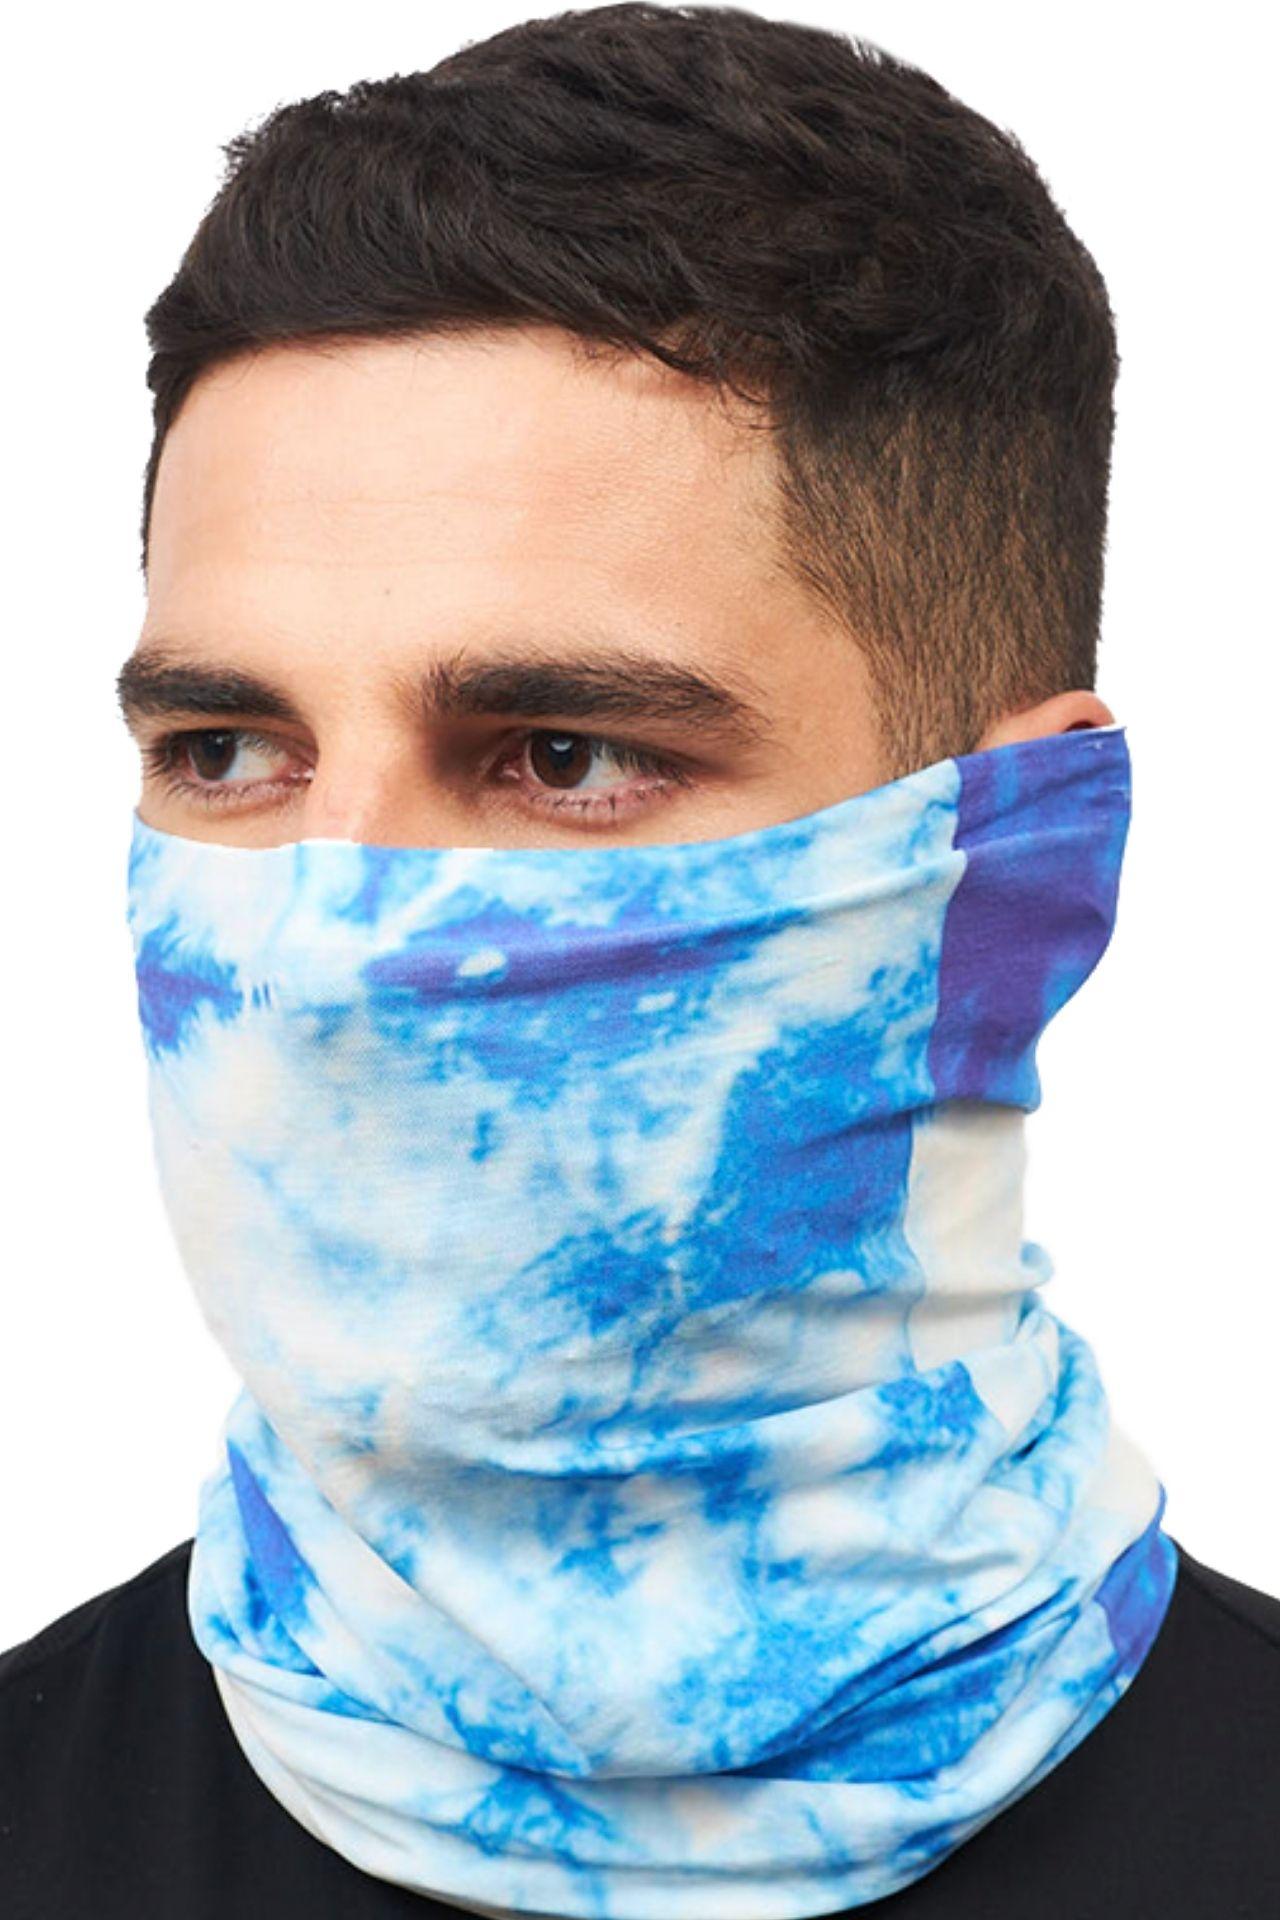 Superfit seamless bandana light microfibra multifuncional sublimado sky tie dye